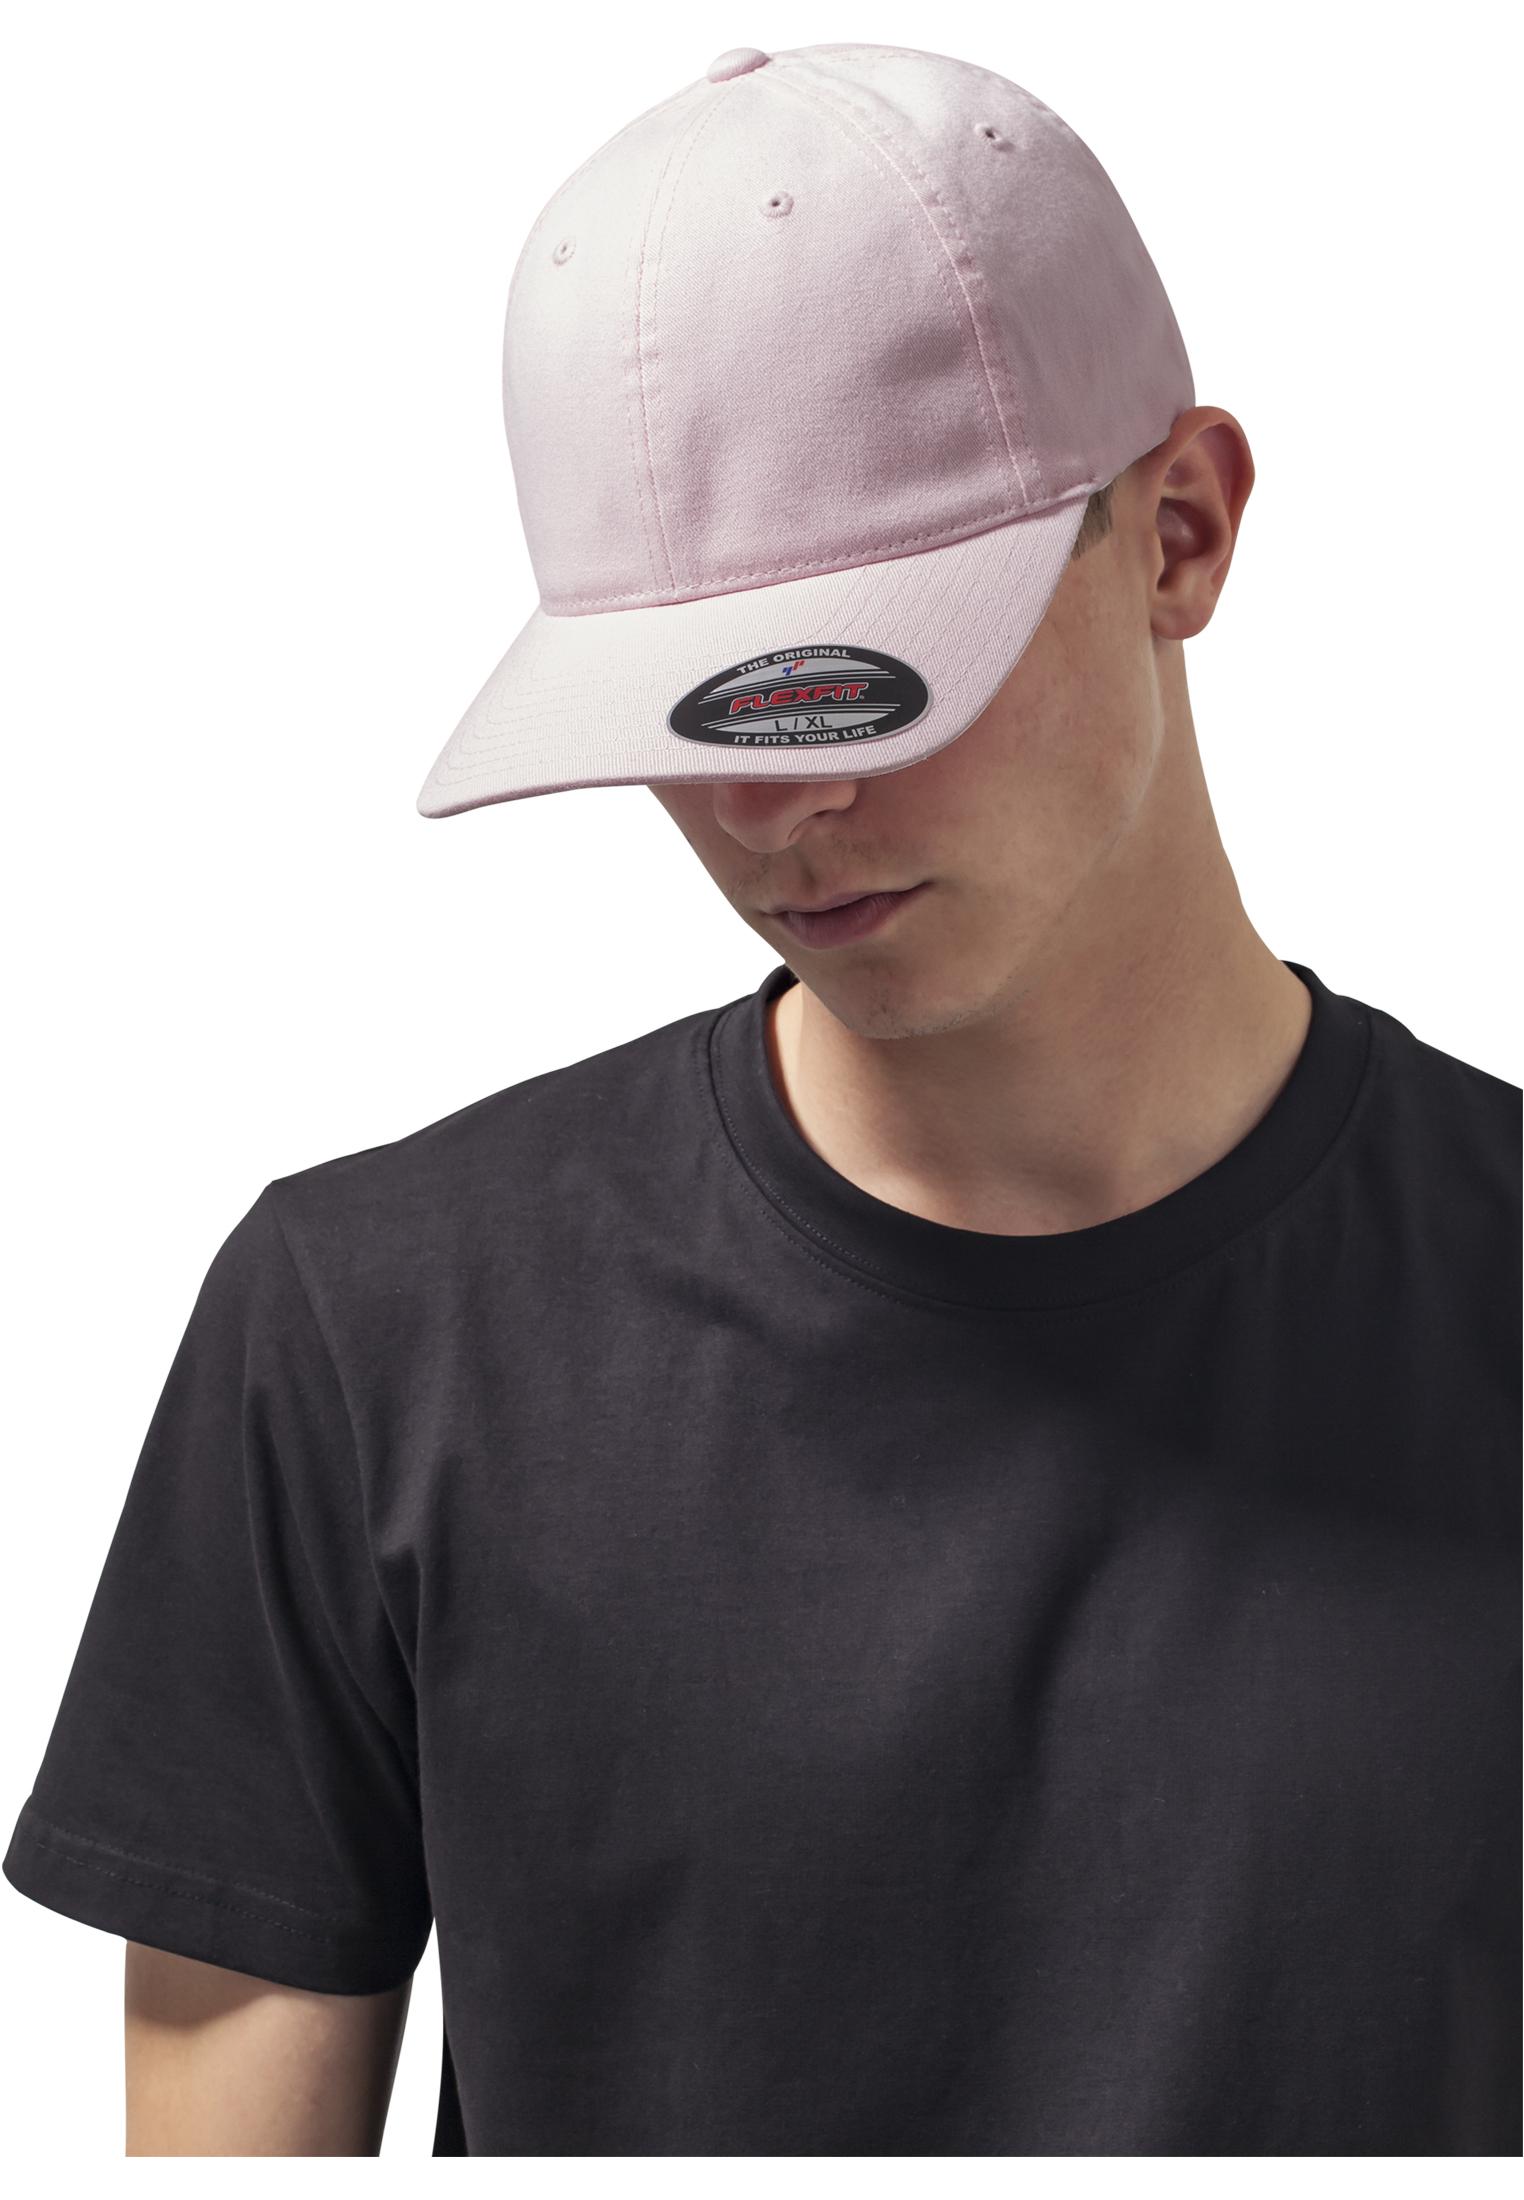 12ebbc3a7 6997. OUTLET Flexfit Garment Washed Cotton Dad Hat